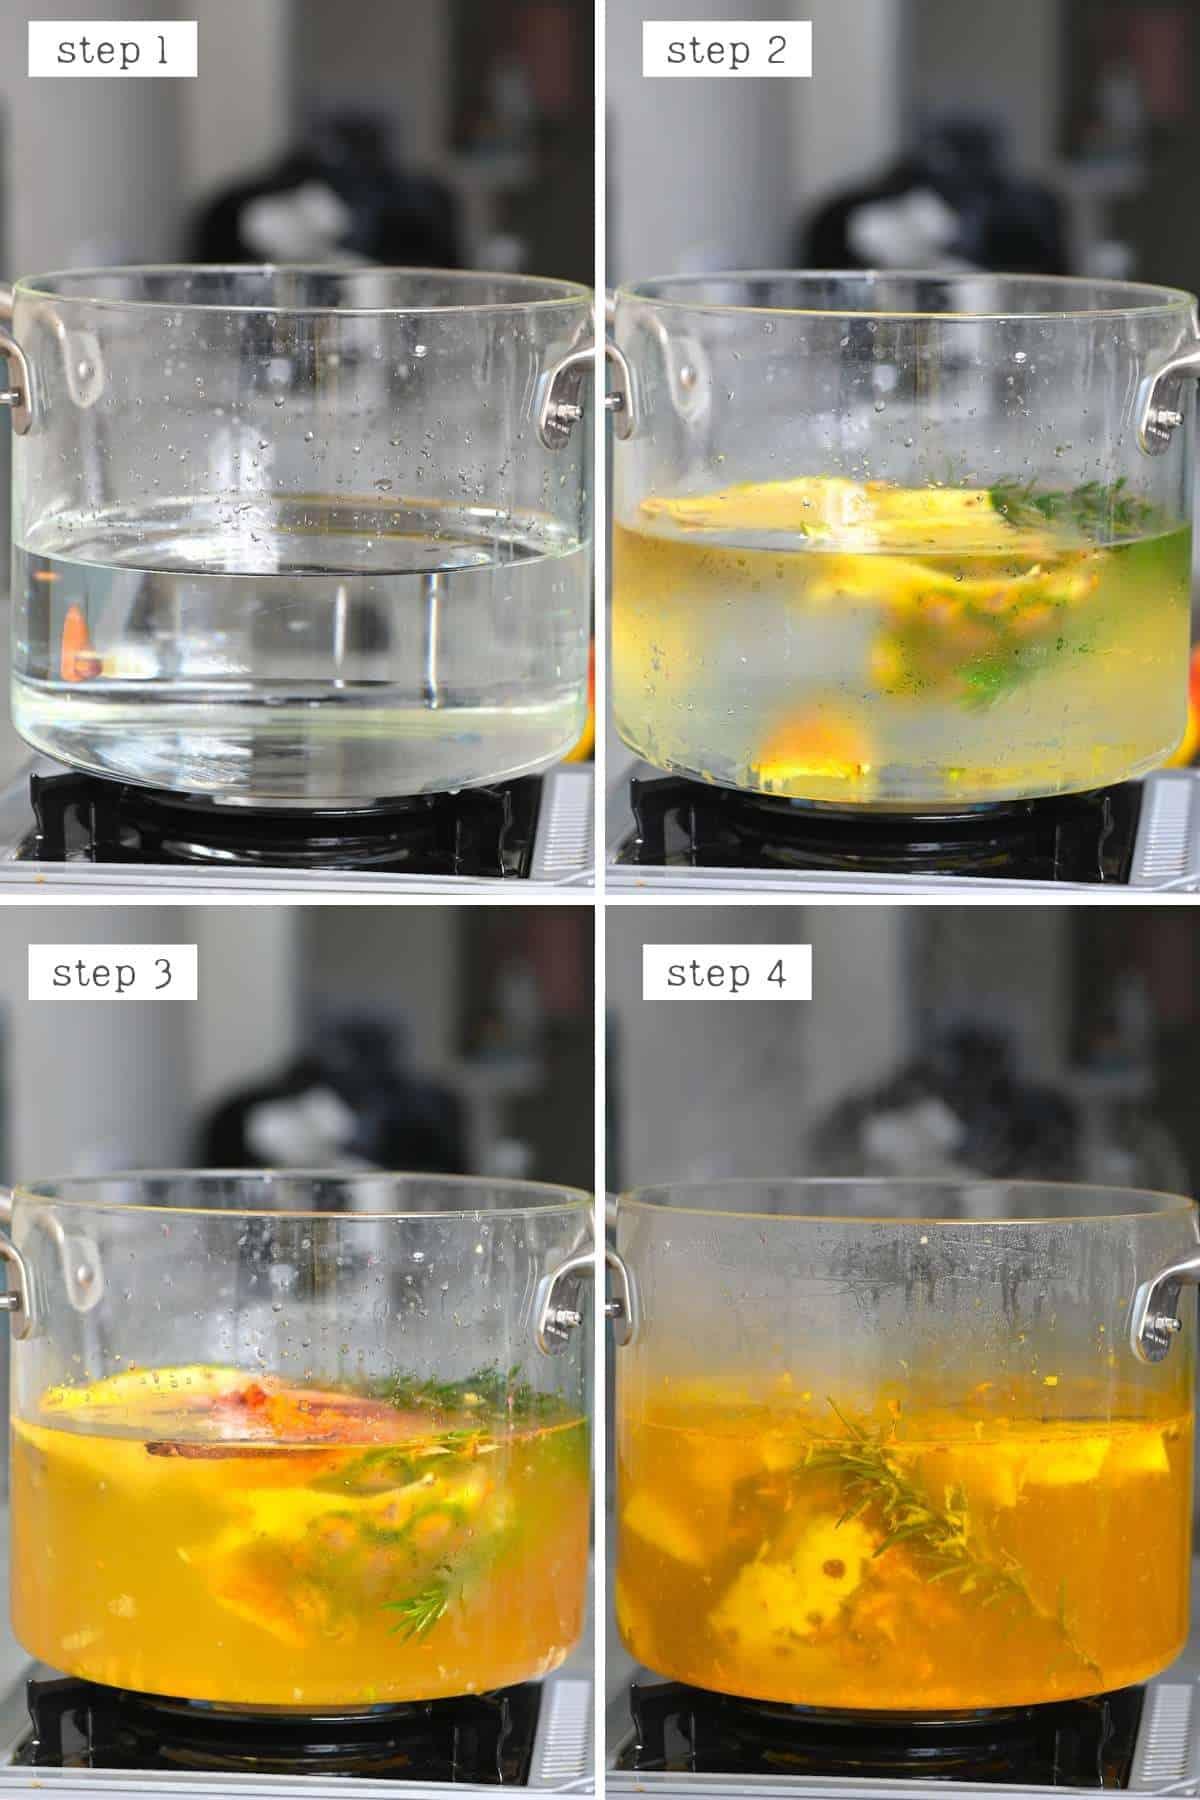 Steps for making pineapple tea